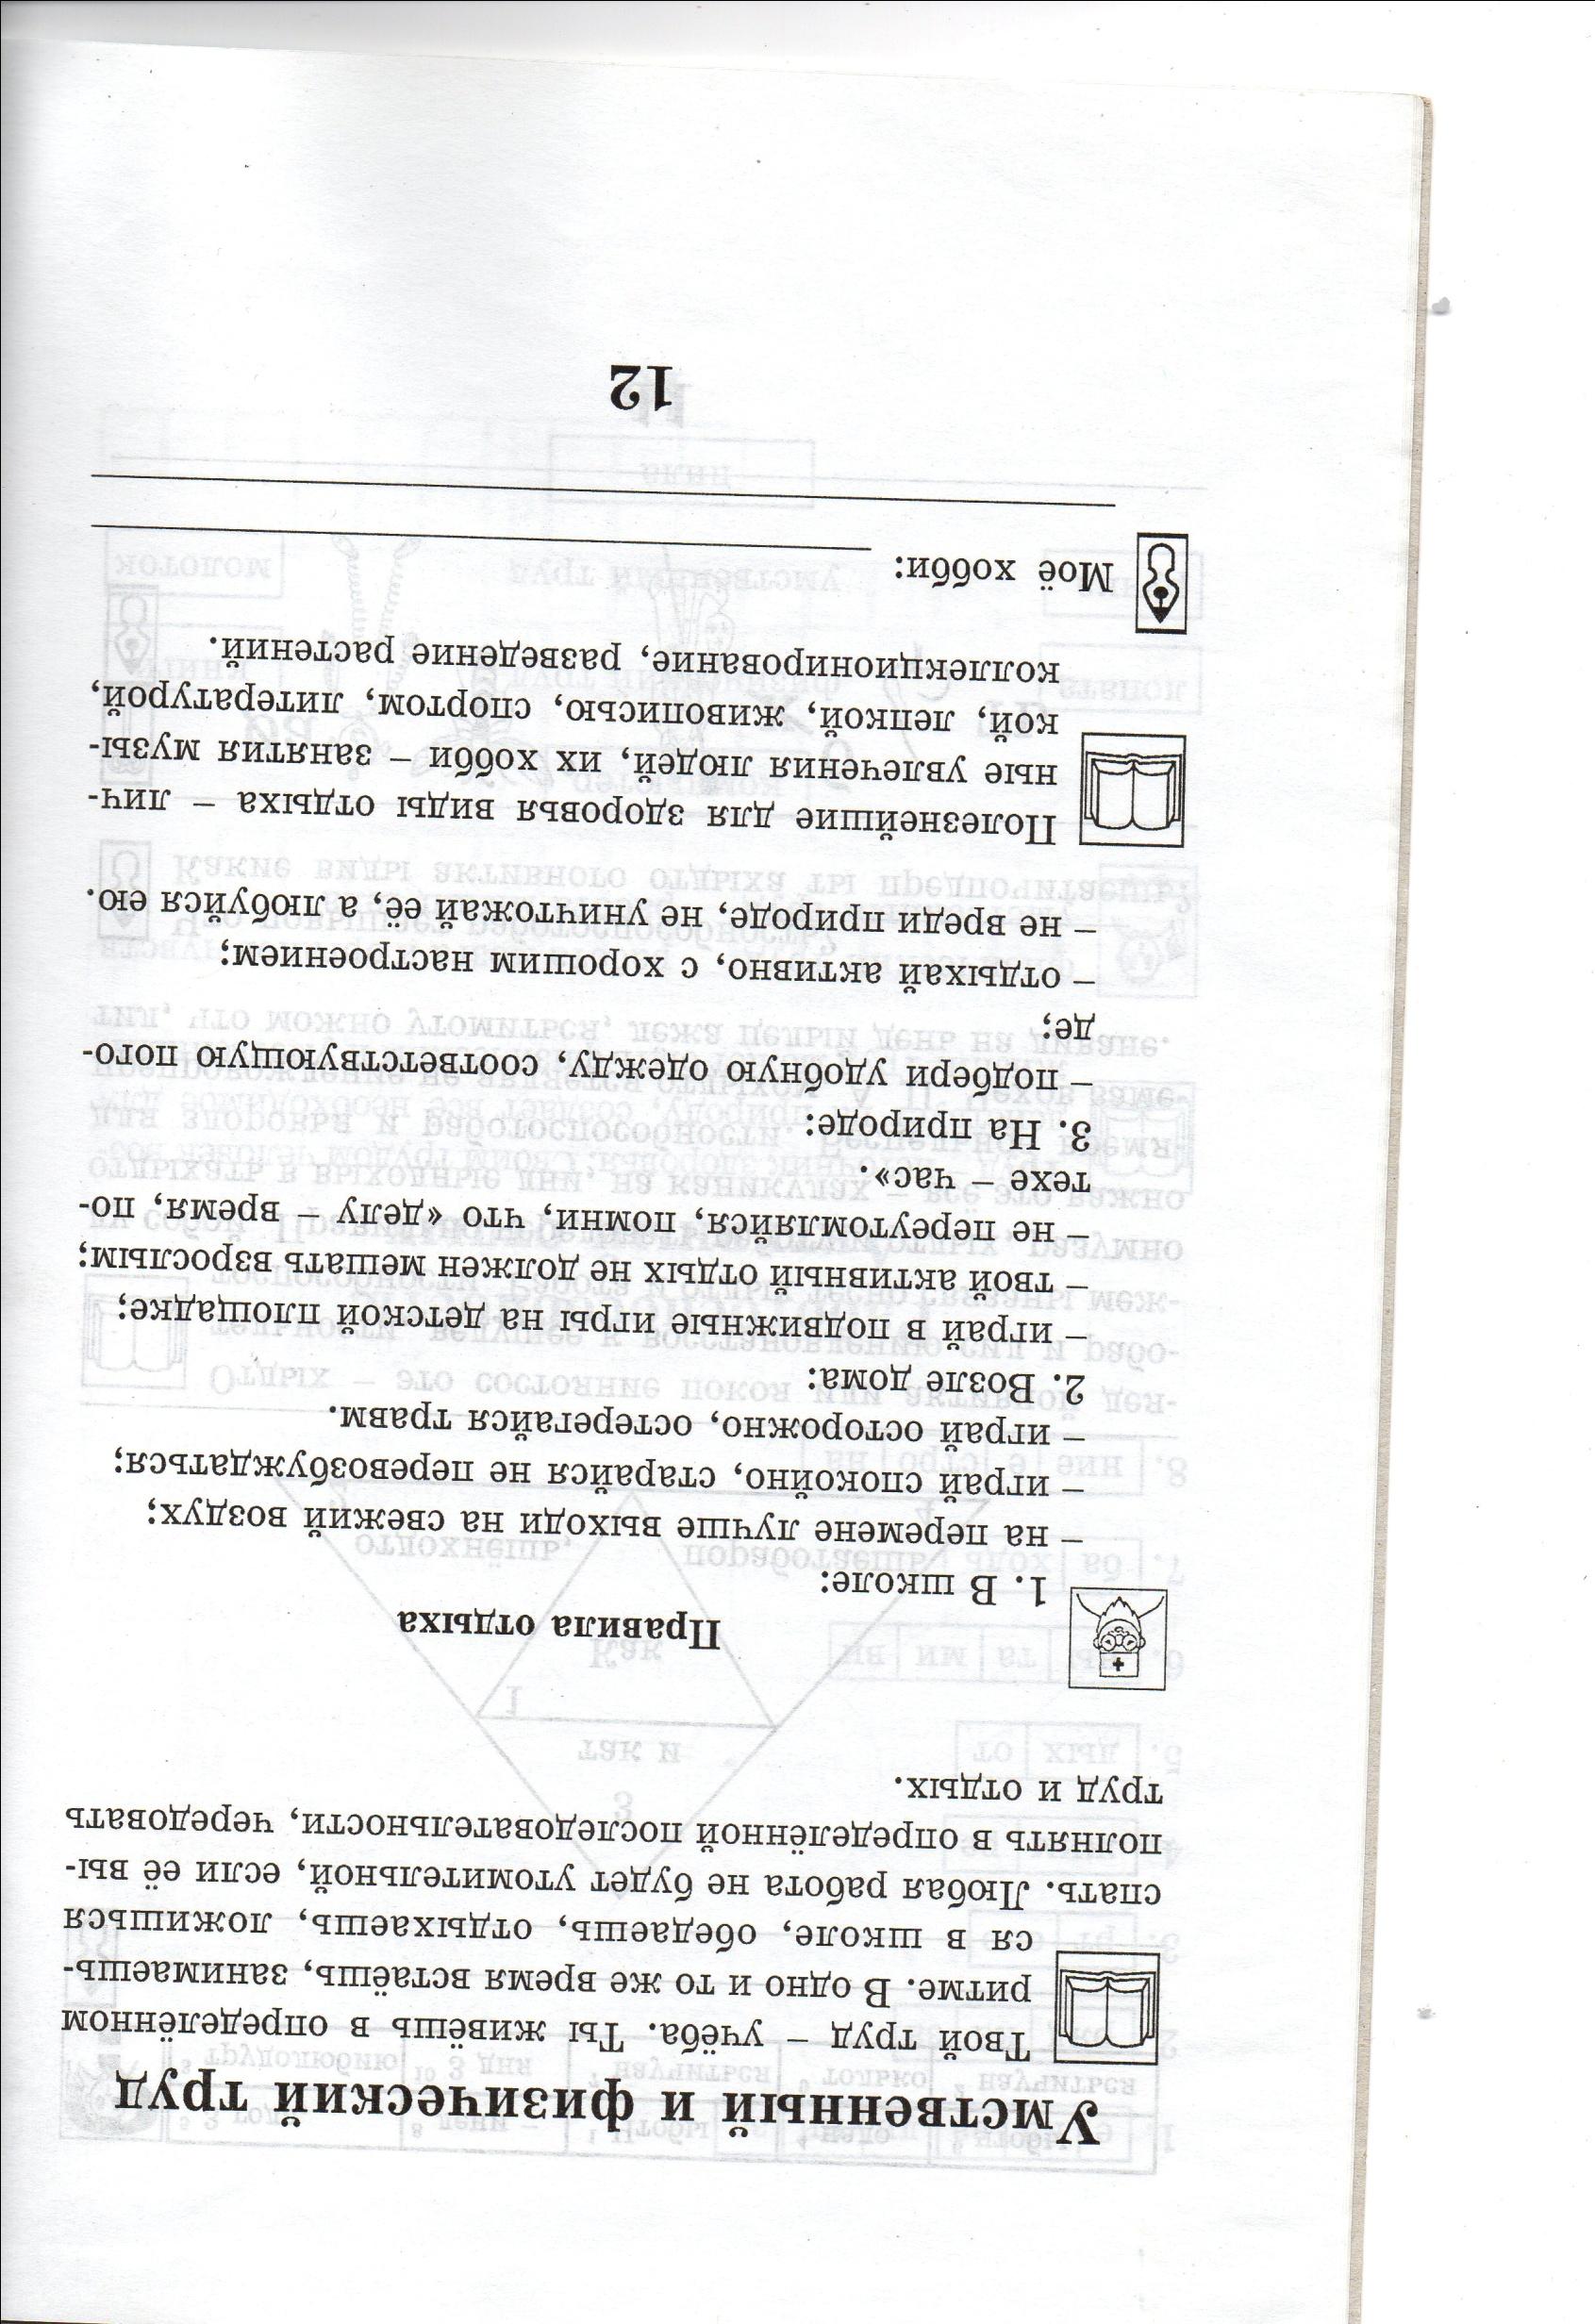 C:\Users\Ярослав\Desktop\Основы здоровъя\img020.jpg